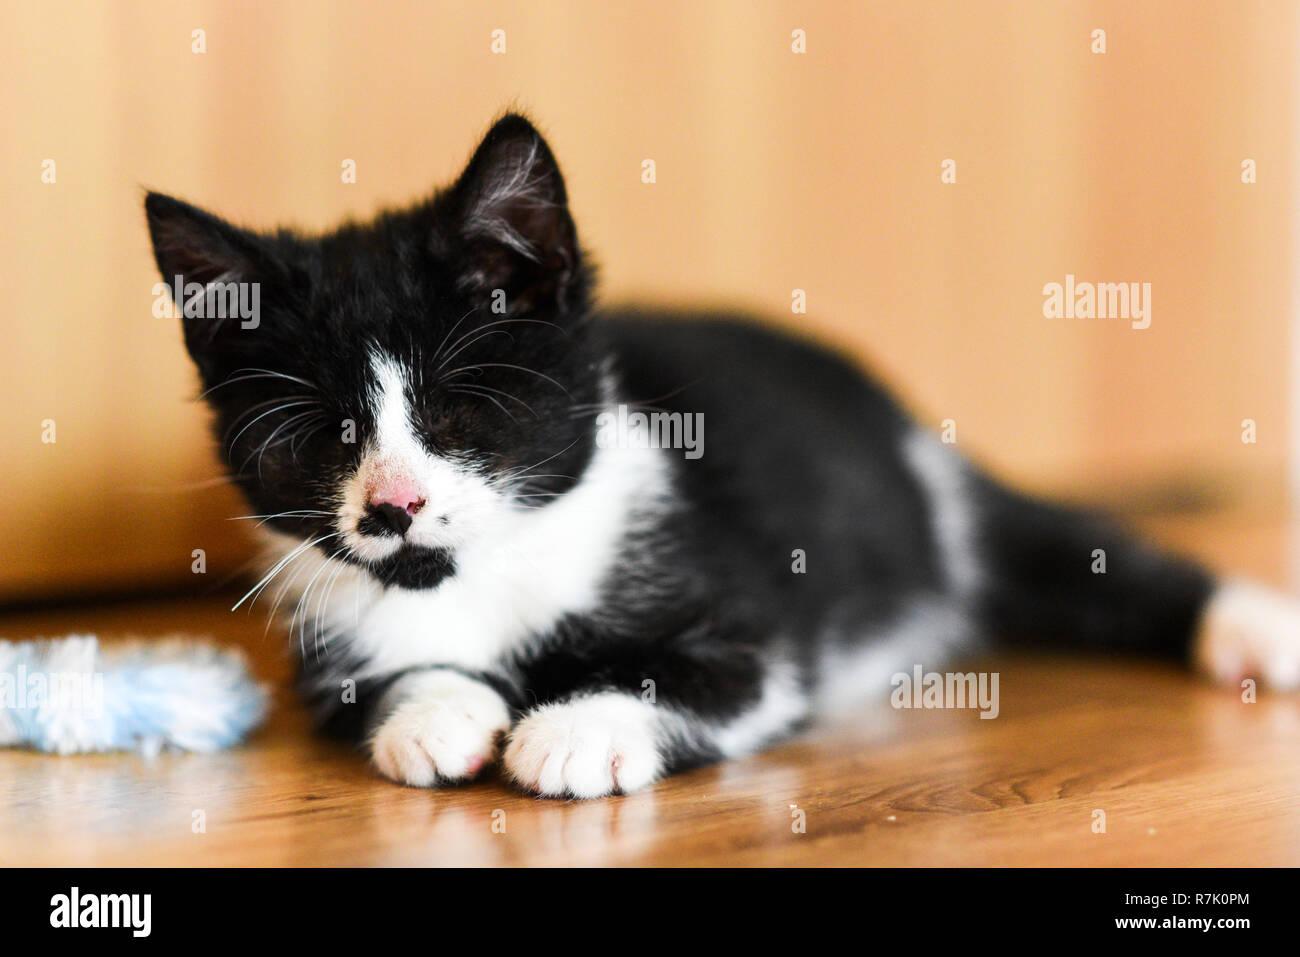 Un joven ciego y retirado cat con globos oculares. Imagen De Stock